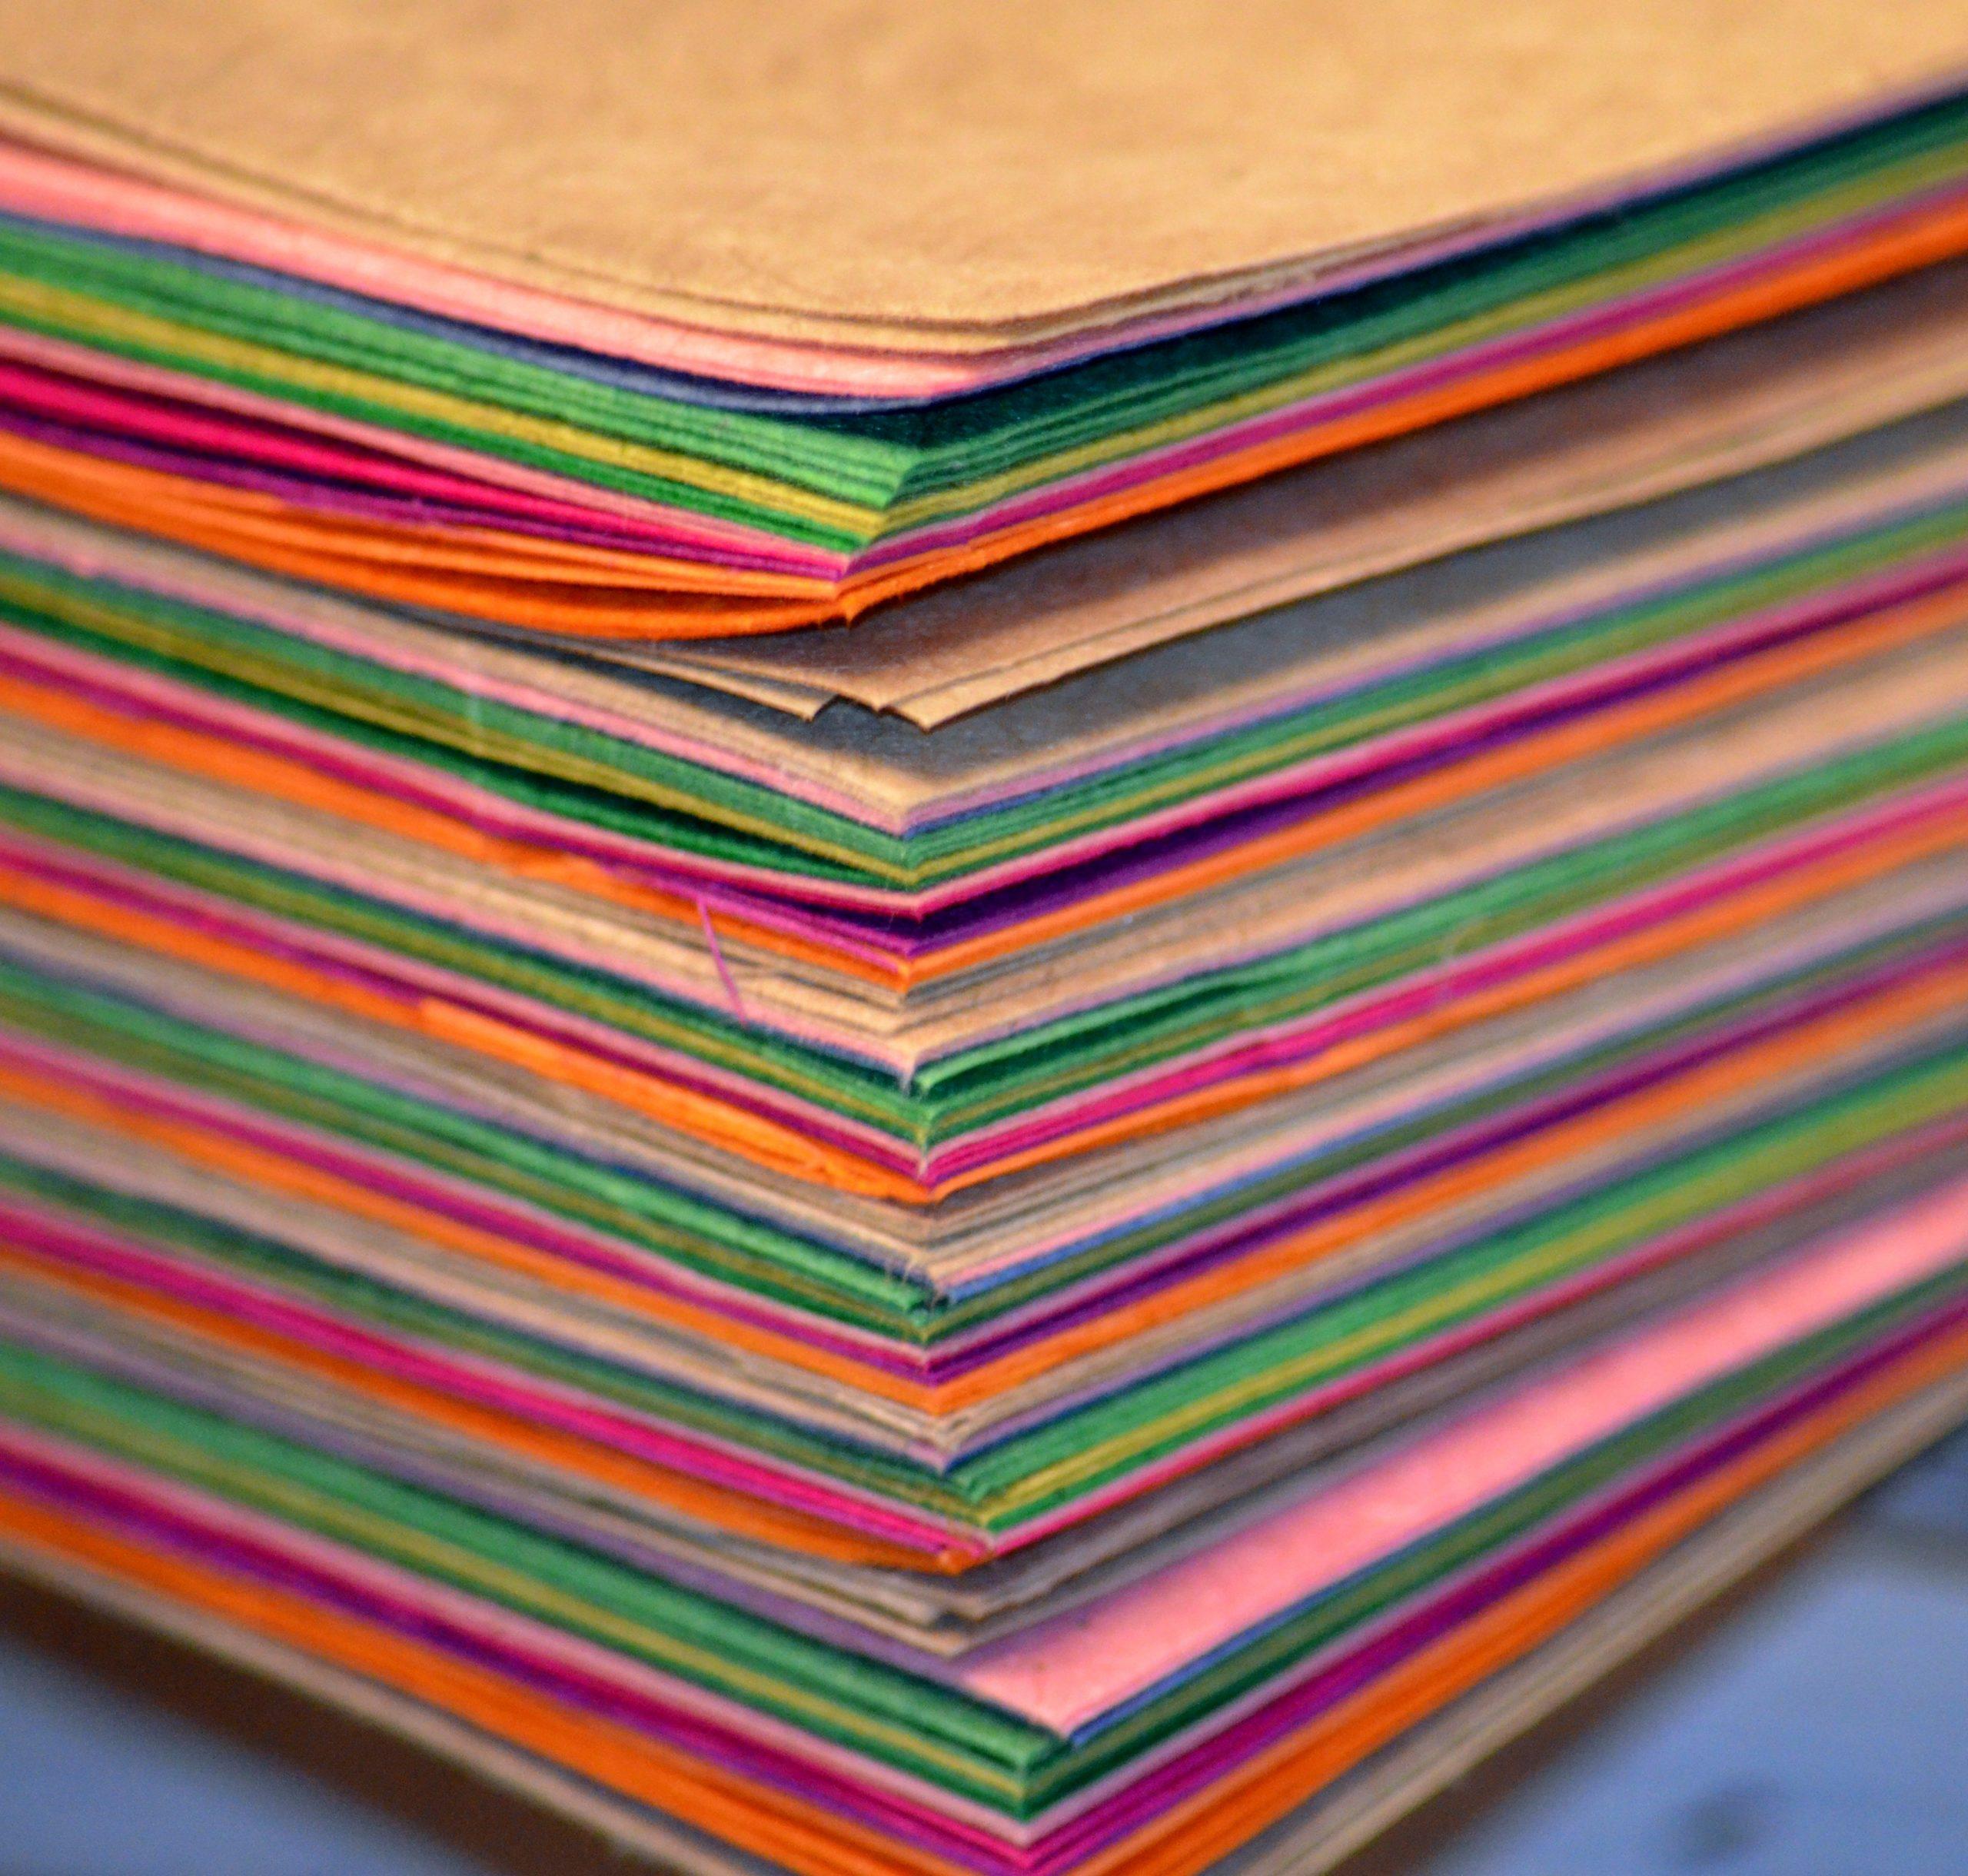 Papier népalais, Mon univers papier